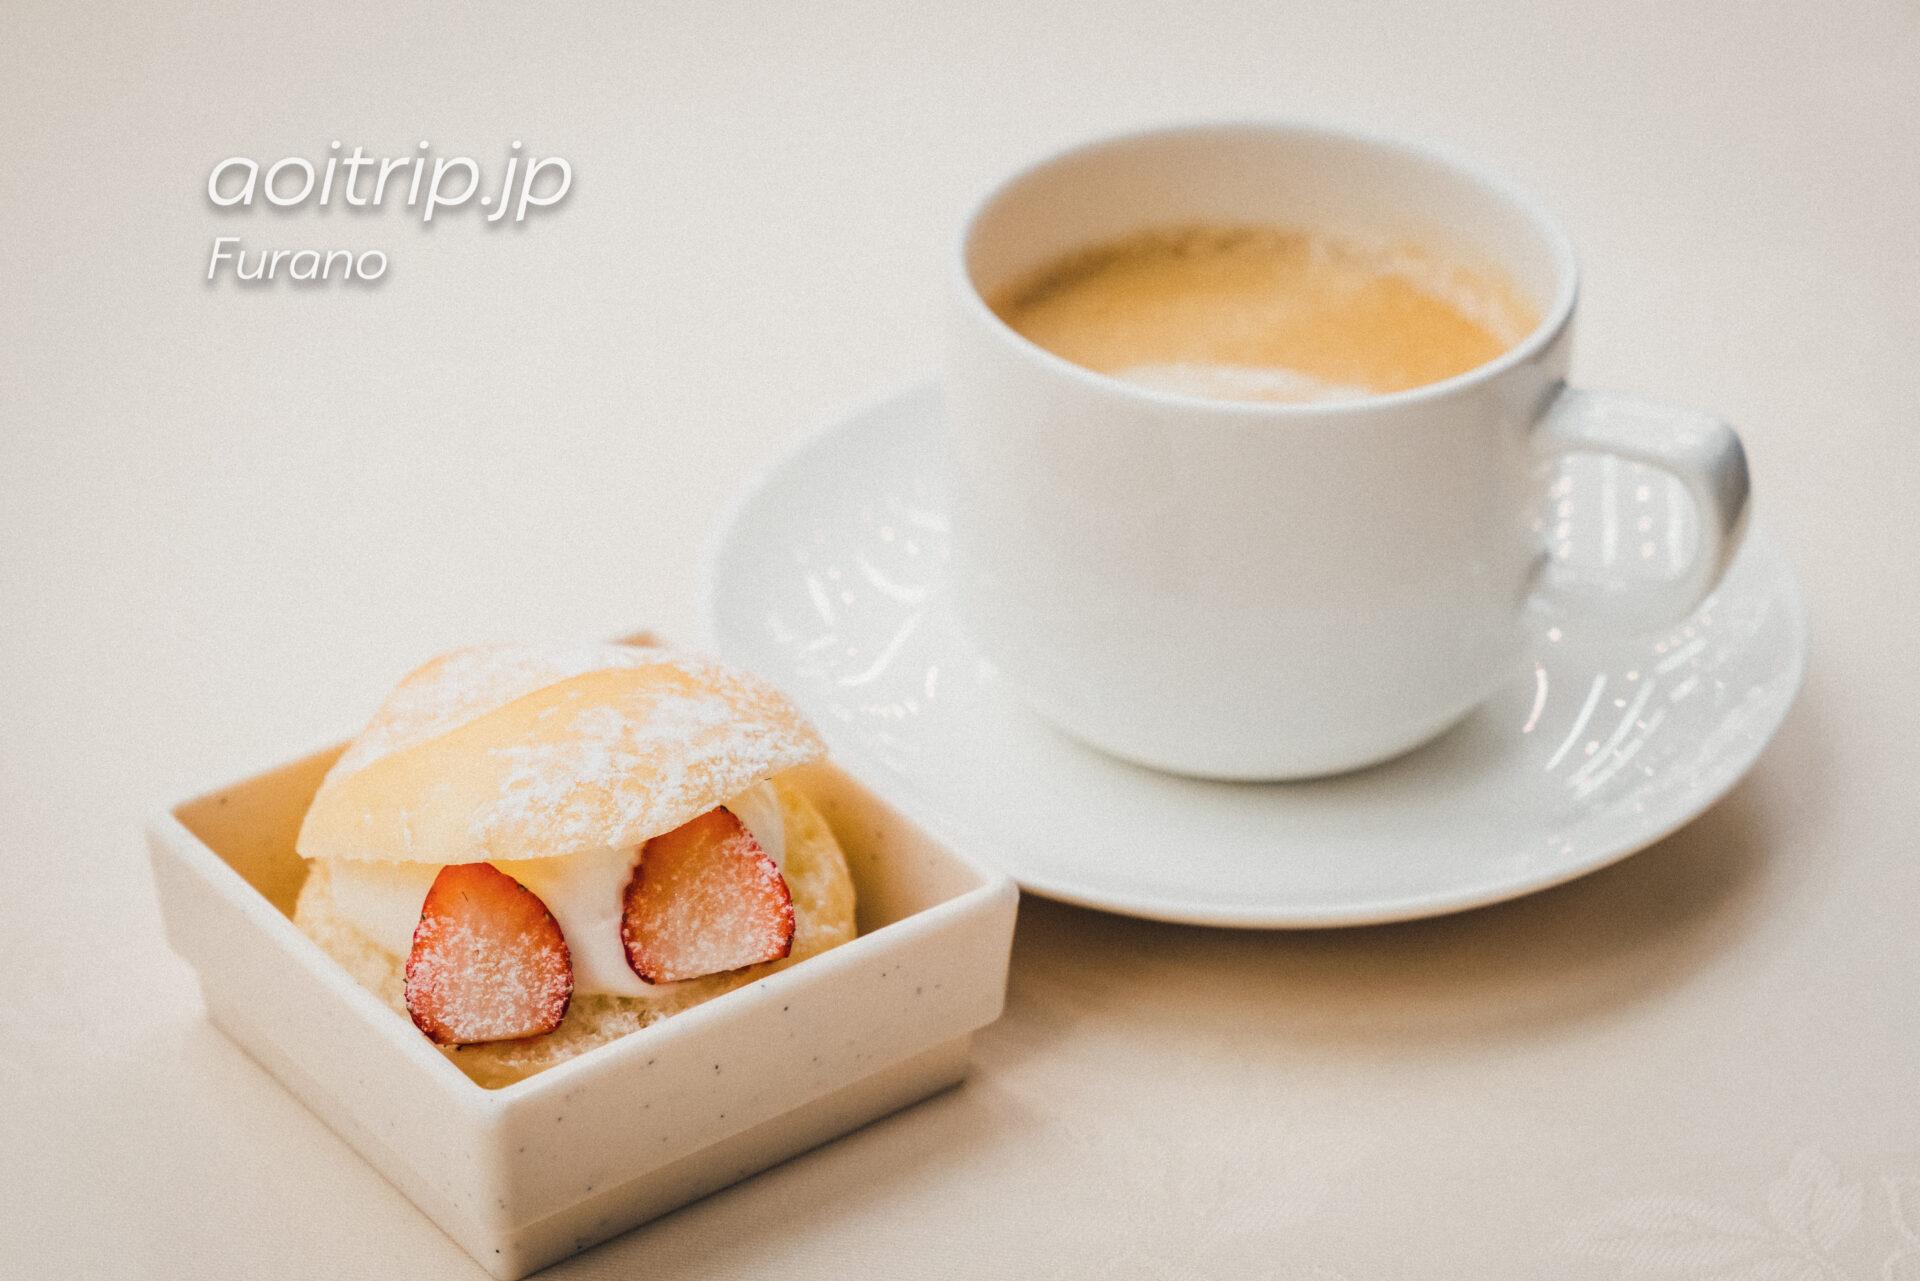 新富良野プリンスホテルの朝食 スイーツは富良野産小麦&ふらの牛乳を使ったマリトッツォ